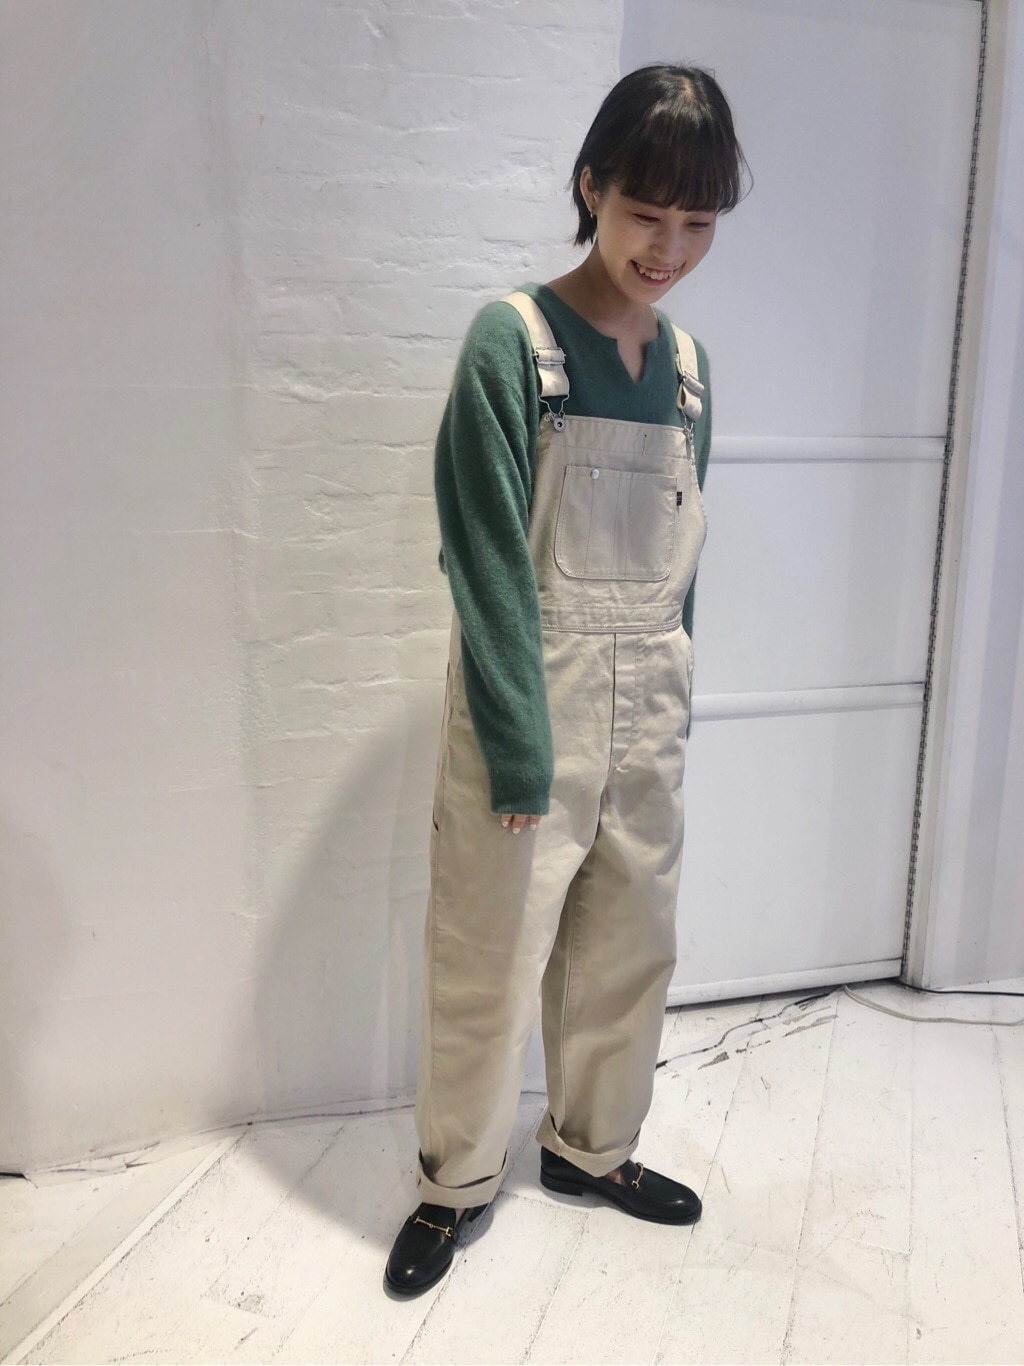 l'atelier du savon ラフォーレ原宿 身長:159cm 2020.01.07